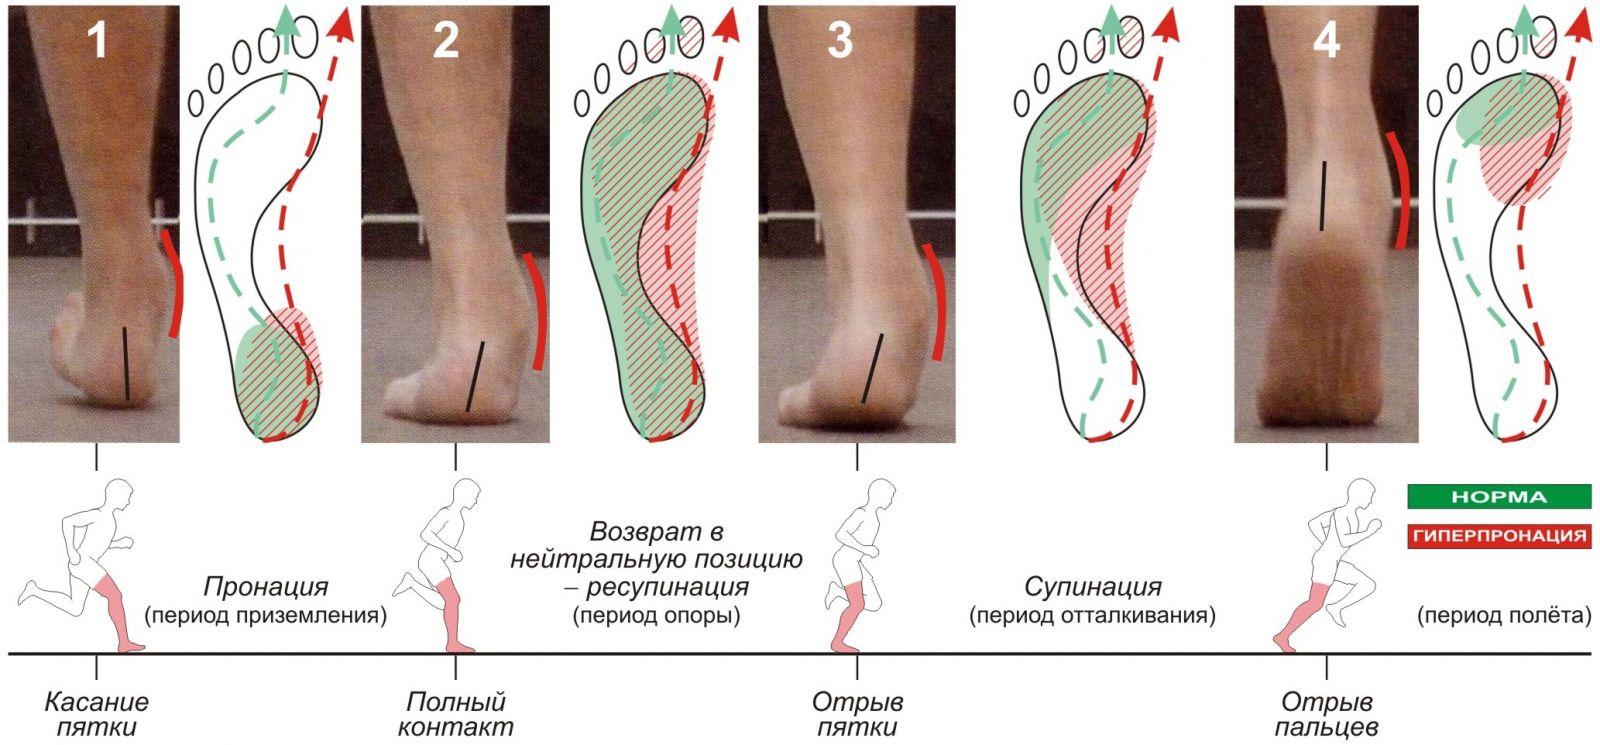 Супинация. для полноты тренировки мышц предплечий может оказаться весьма полезным знать, что такое пронация и супинация кисти.